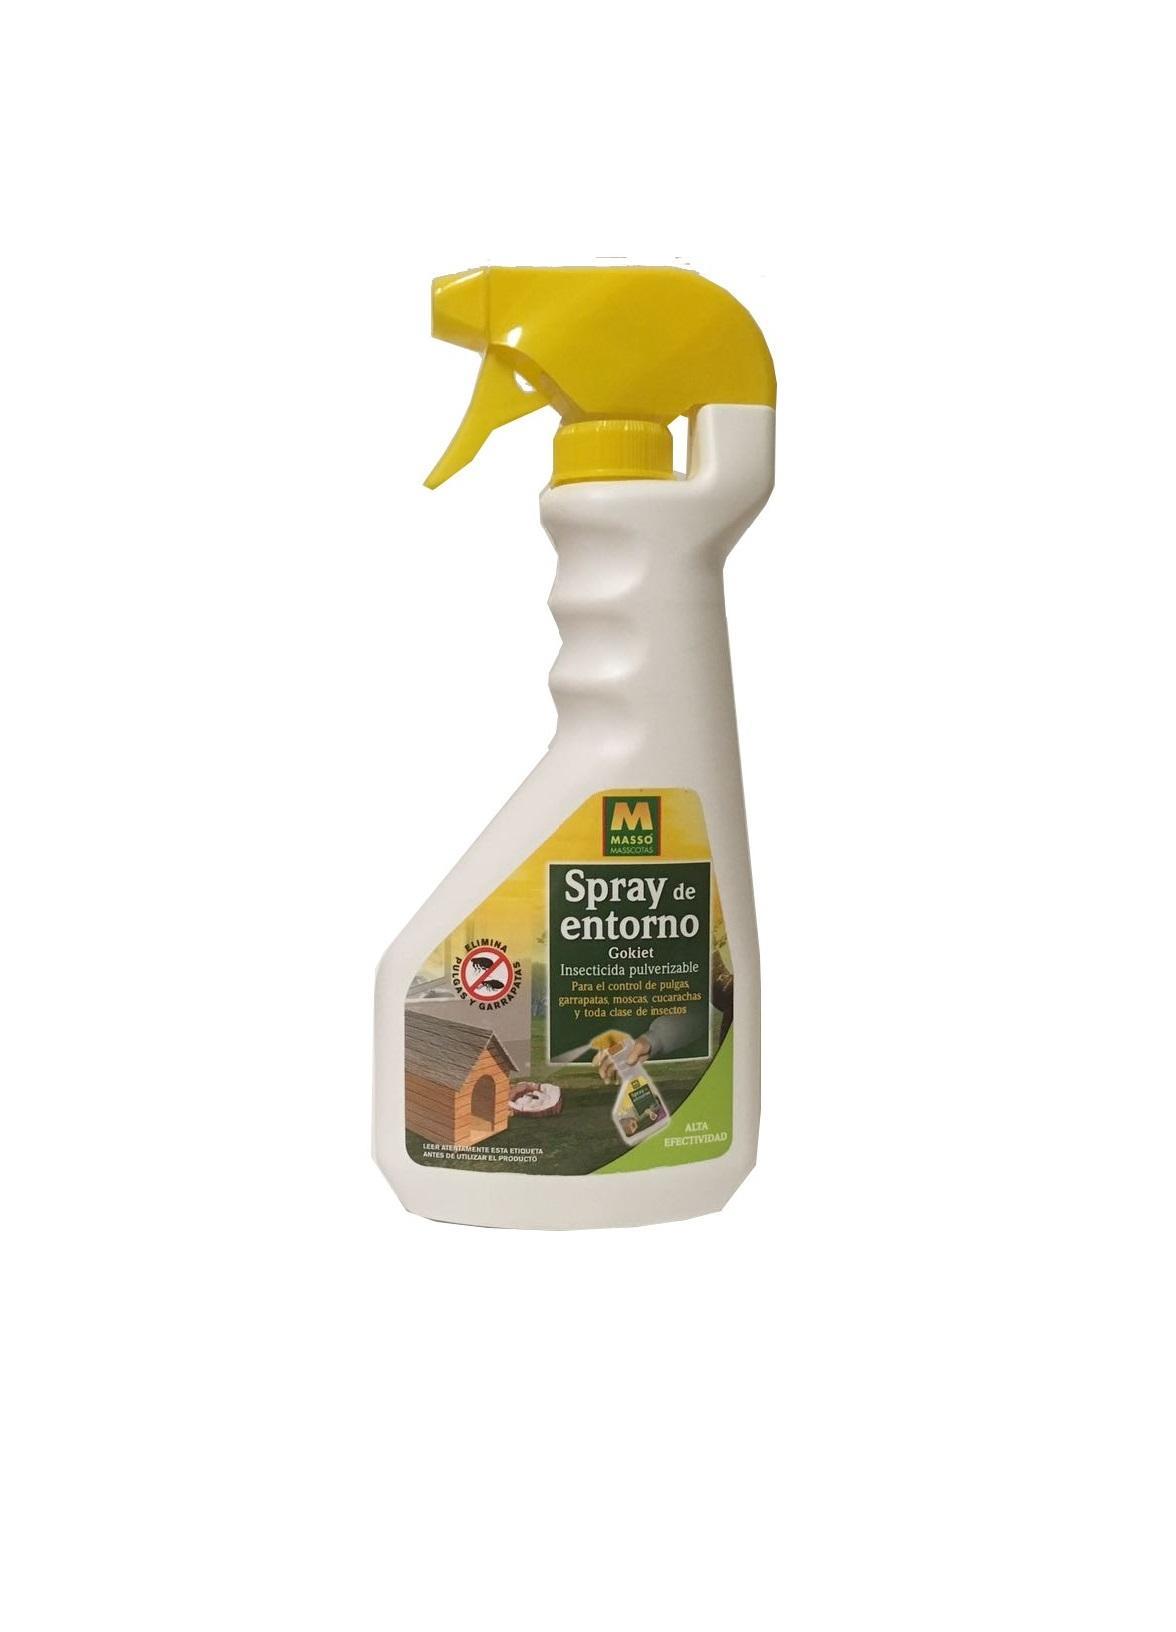 Spray de entorno Gokiet (insecticida pulverizable)